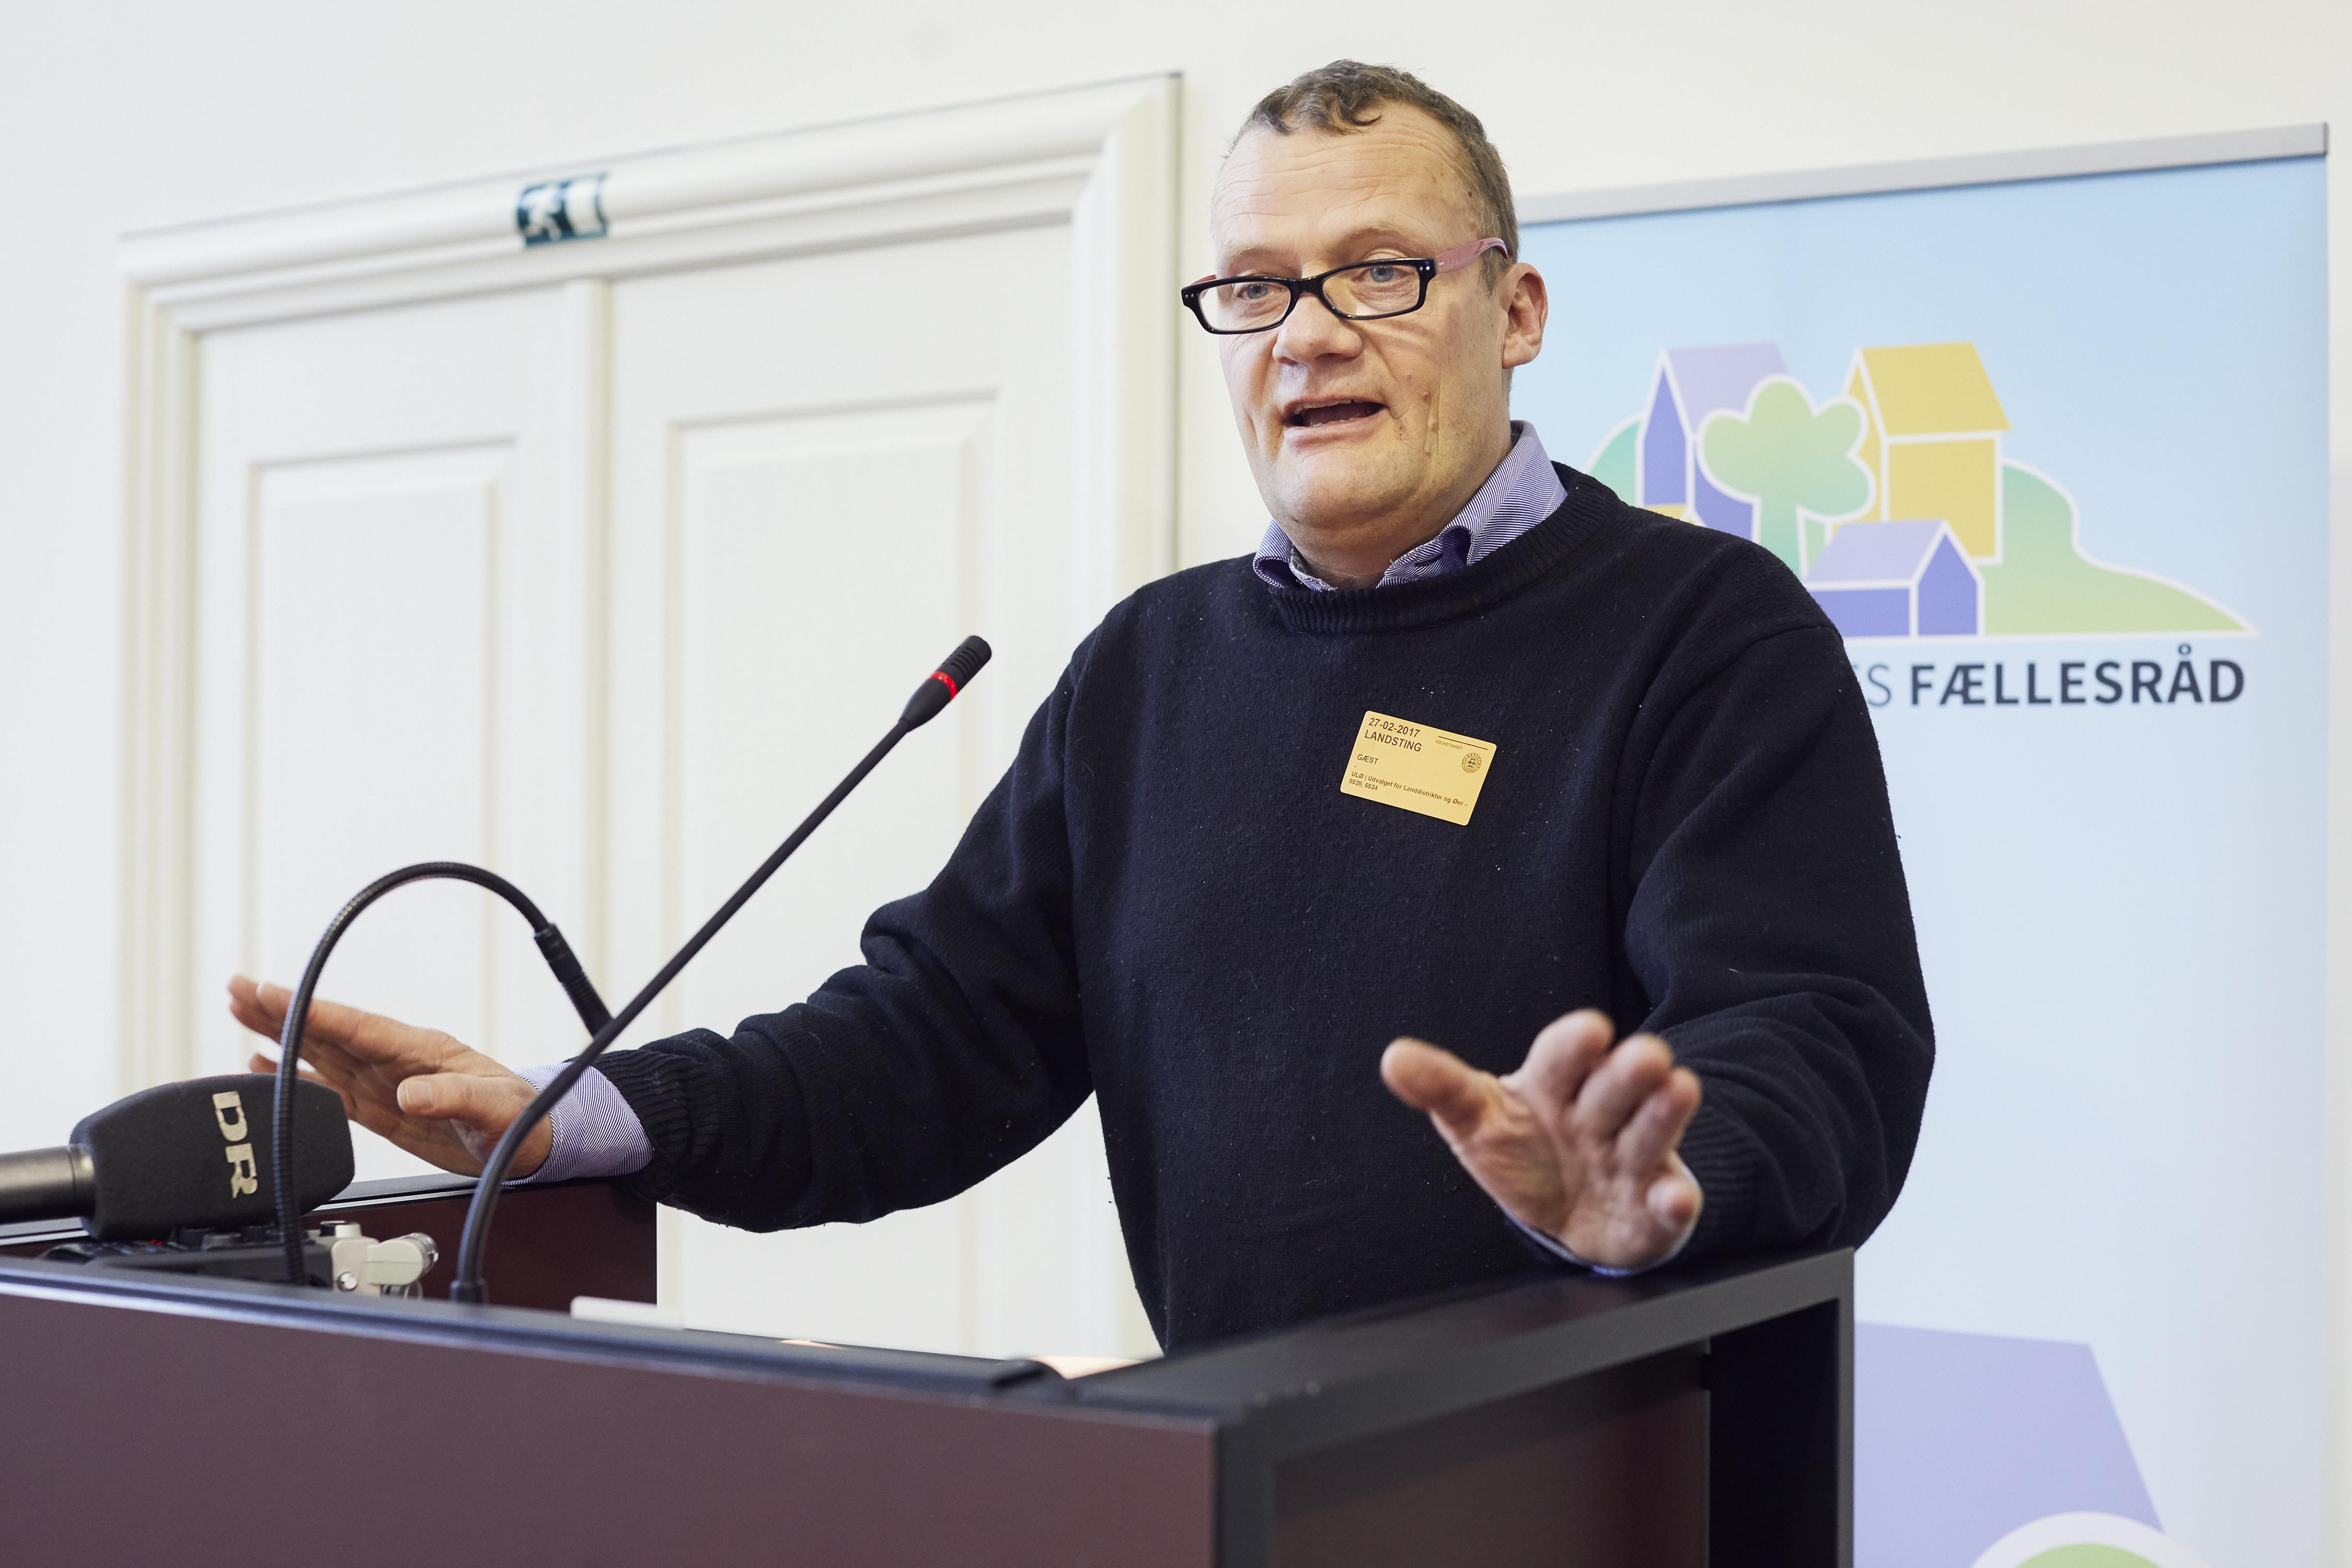 Fuldt hus til høring om dansk landdistriktspolitik i Folketinget | Landdistrikternes Fællesråd